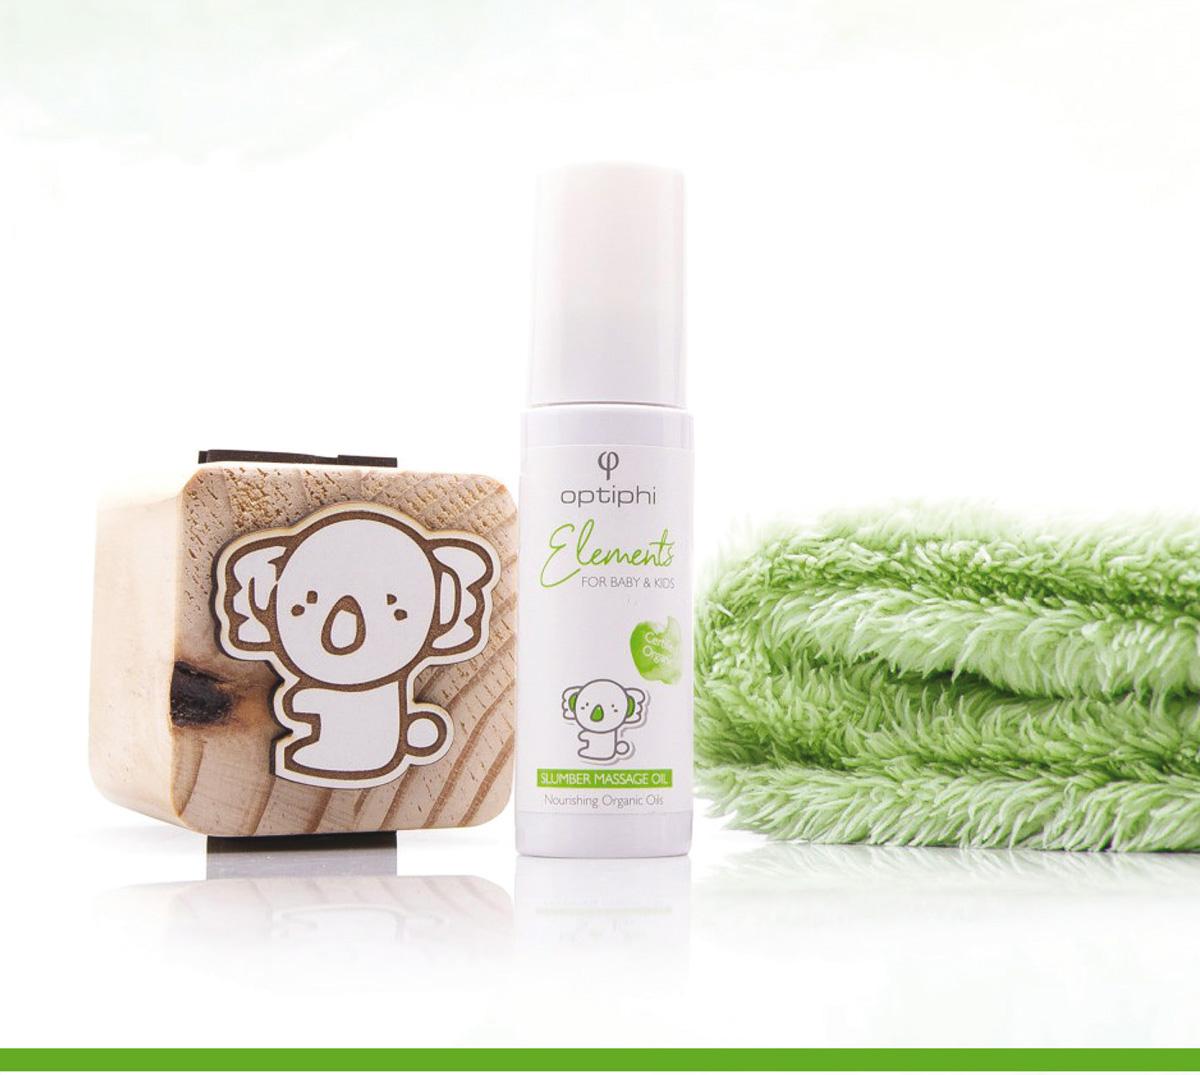 Produktfoto: Weiße Pumpflasche mit grüner Aufschrift Baby Massage Öl rechts ein grünes Kuschelhandtuch, links ein Holzwürfel mit einer Zeichnung die einen Koalabär zeigt